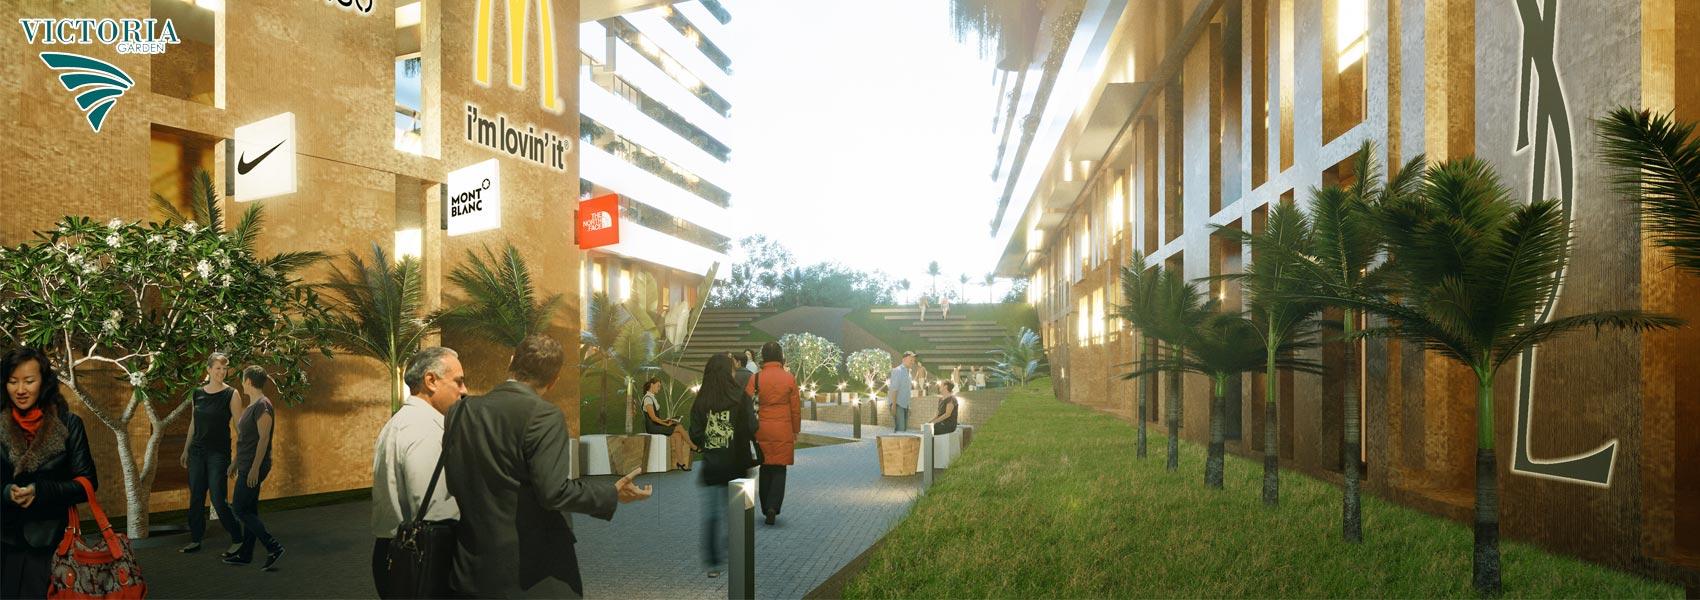 Mua bán cho thuê dự án căn hộ chung cư Victoria Garden Bình Chánh Đường Trần Đại Nghĩa chủ đầu tư Nguyên Hạnh Lợi